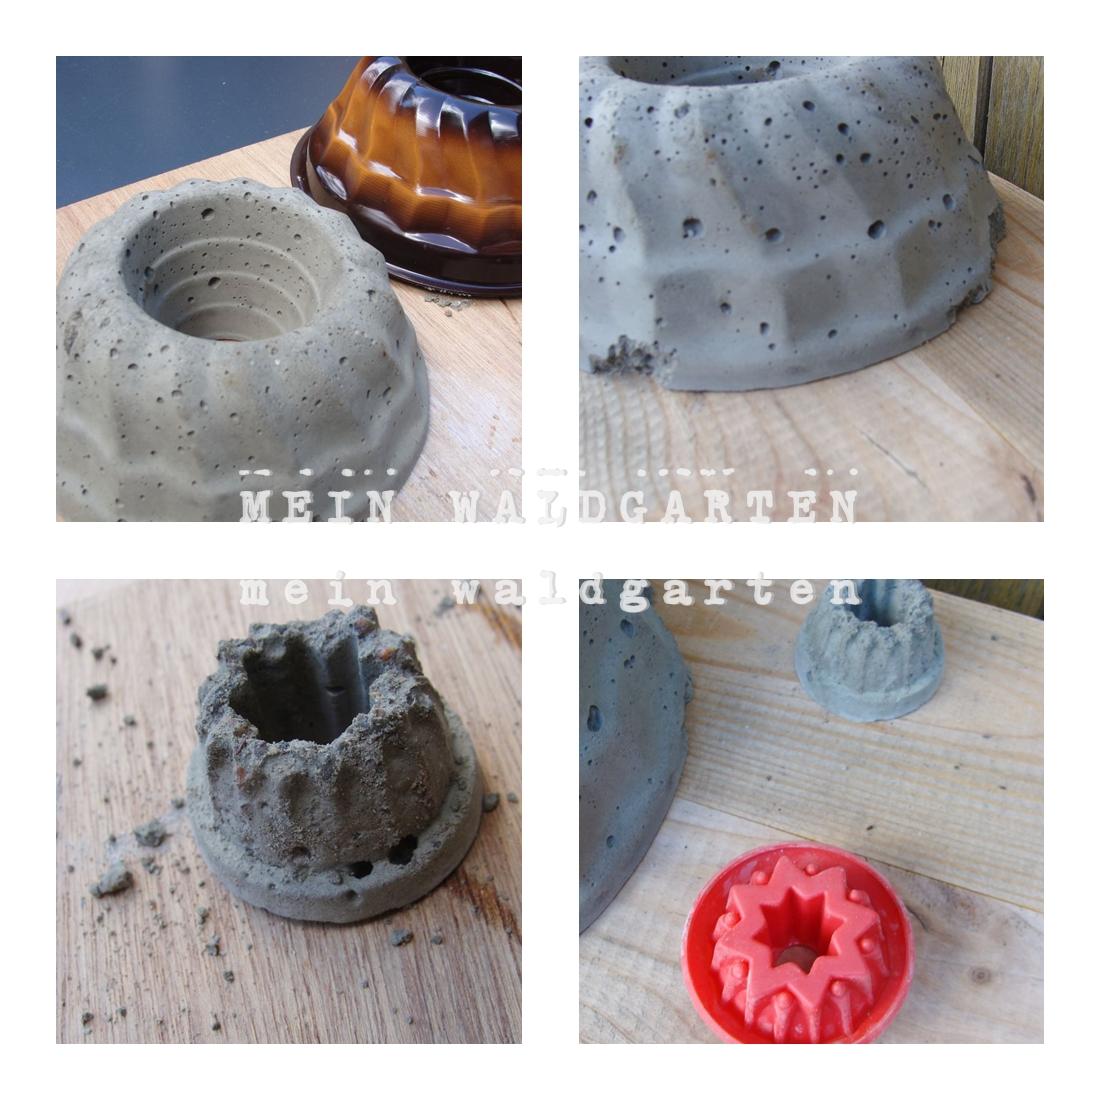 mein waldgarten diy so entstanden meine betonkuchen f r den garten. Black Bedroom Furniture Sets. Home Design Ideas